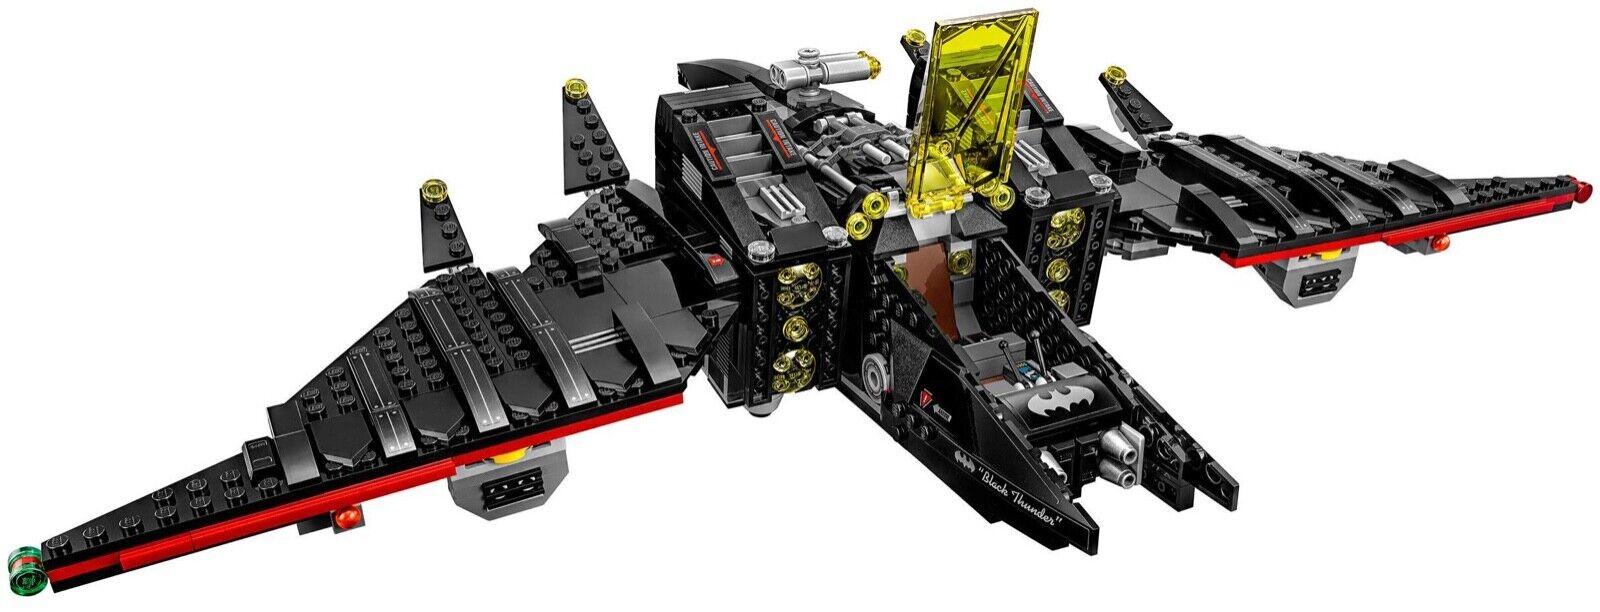 LEGO DC Batman - 70916  The Batwing - - - No Minifigures Box. df900b